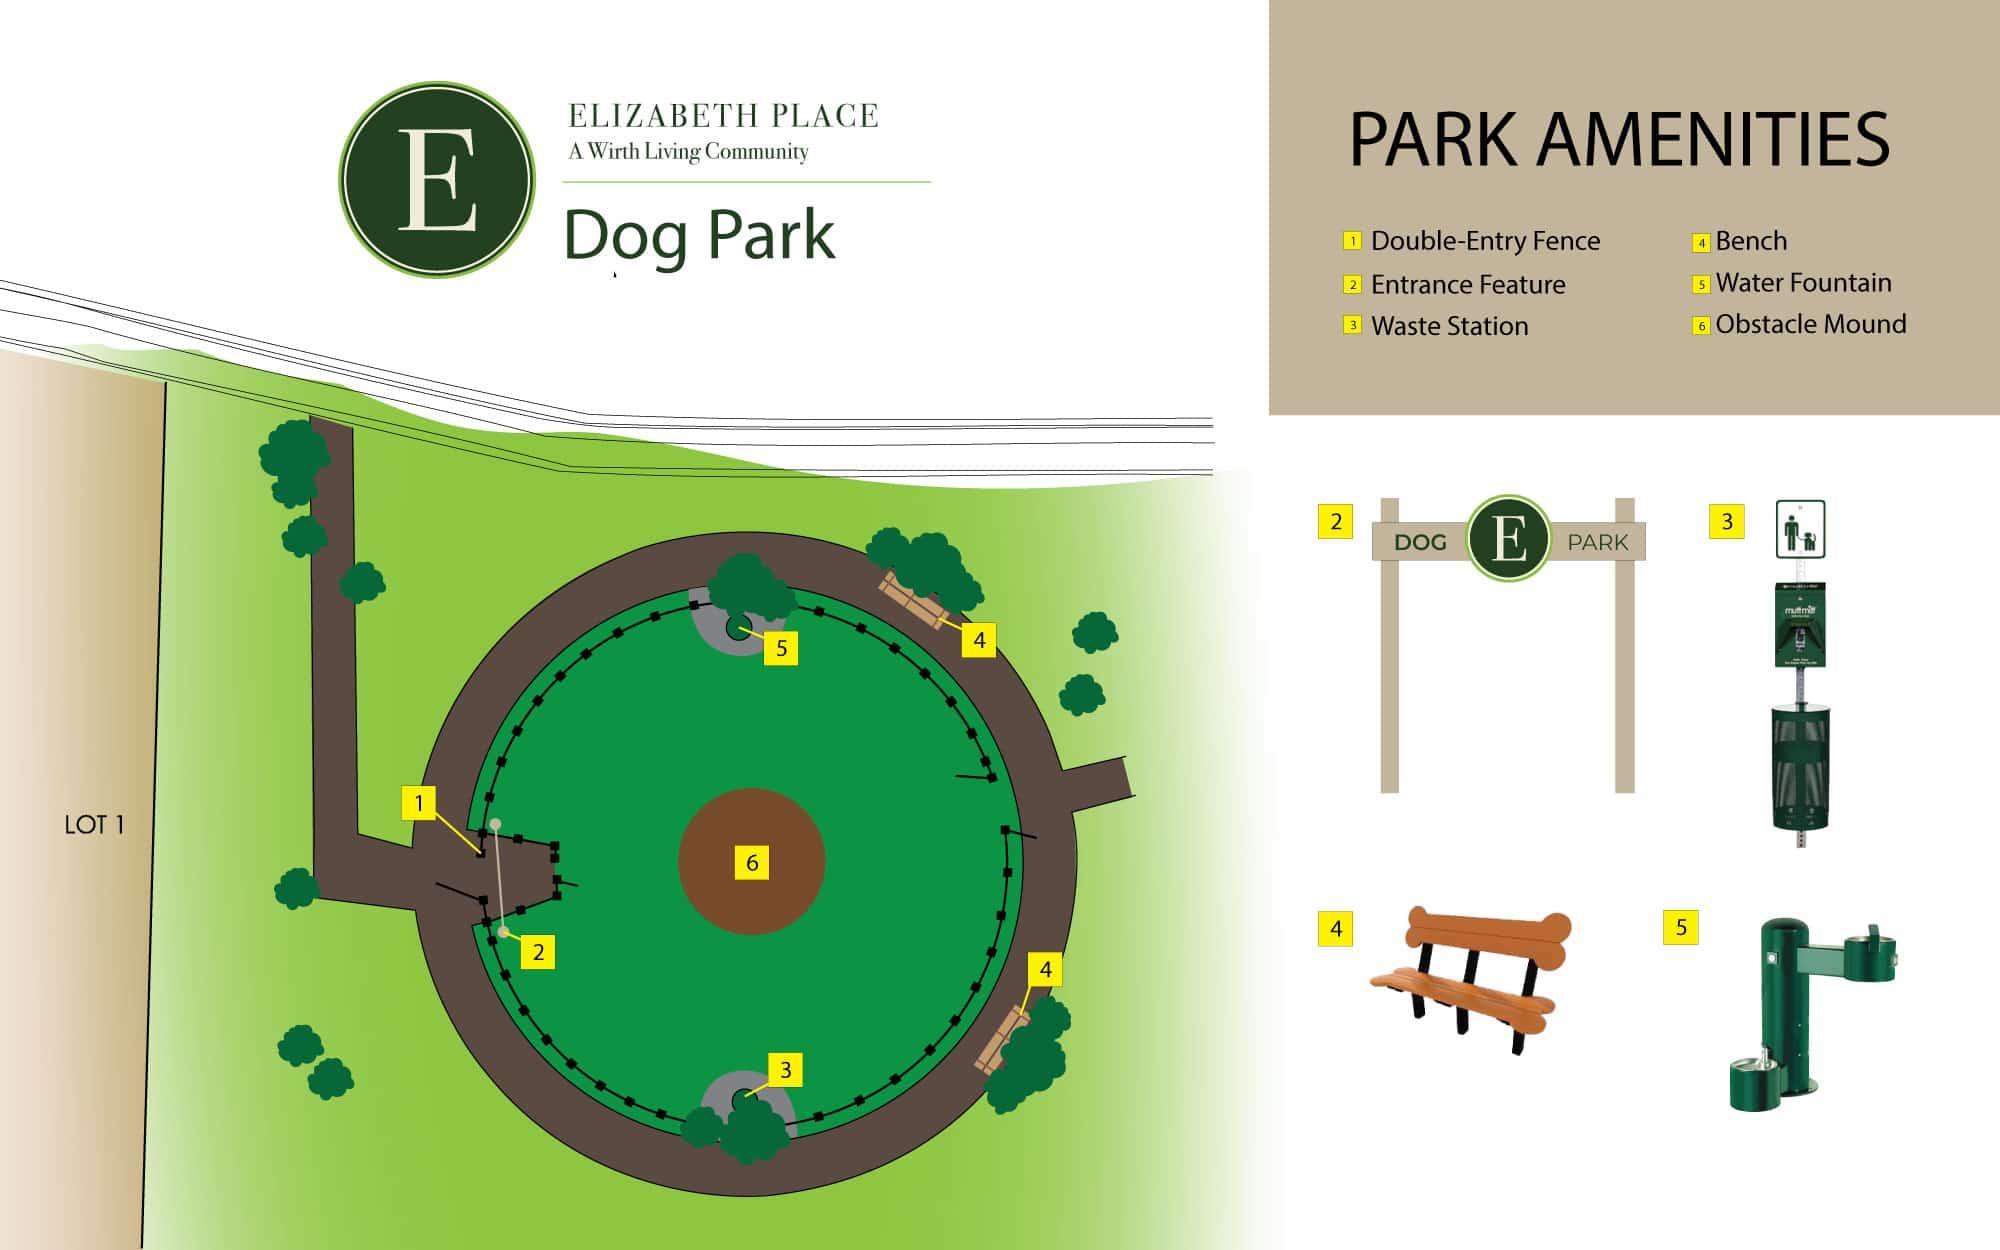 Elizabeth Place Chesapeake Virginia 803 ep dog park